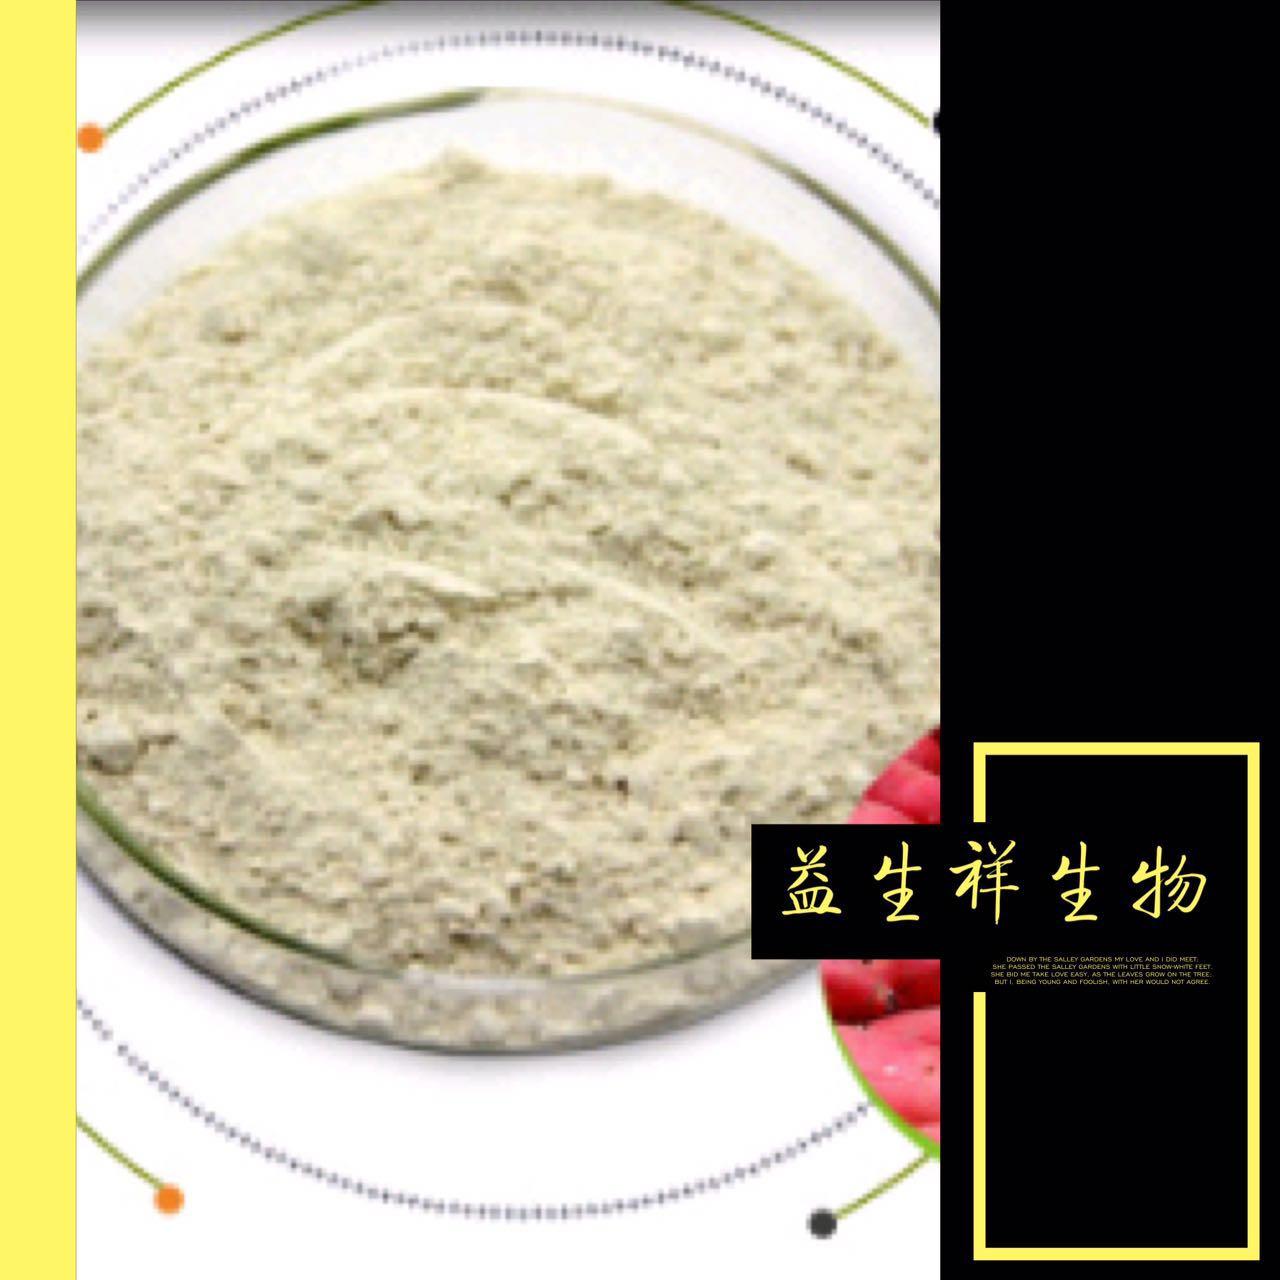 红薯膳食纤维 80% 甘薯纤维 红薯纤维 地瓜纤维 地瓜/红薯提取物